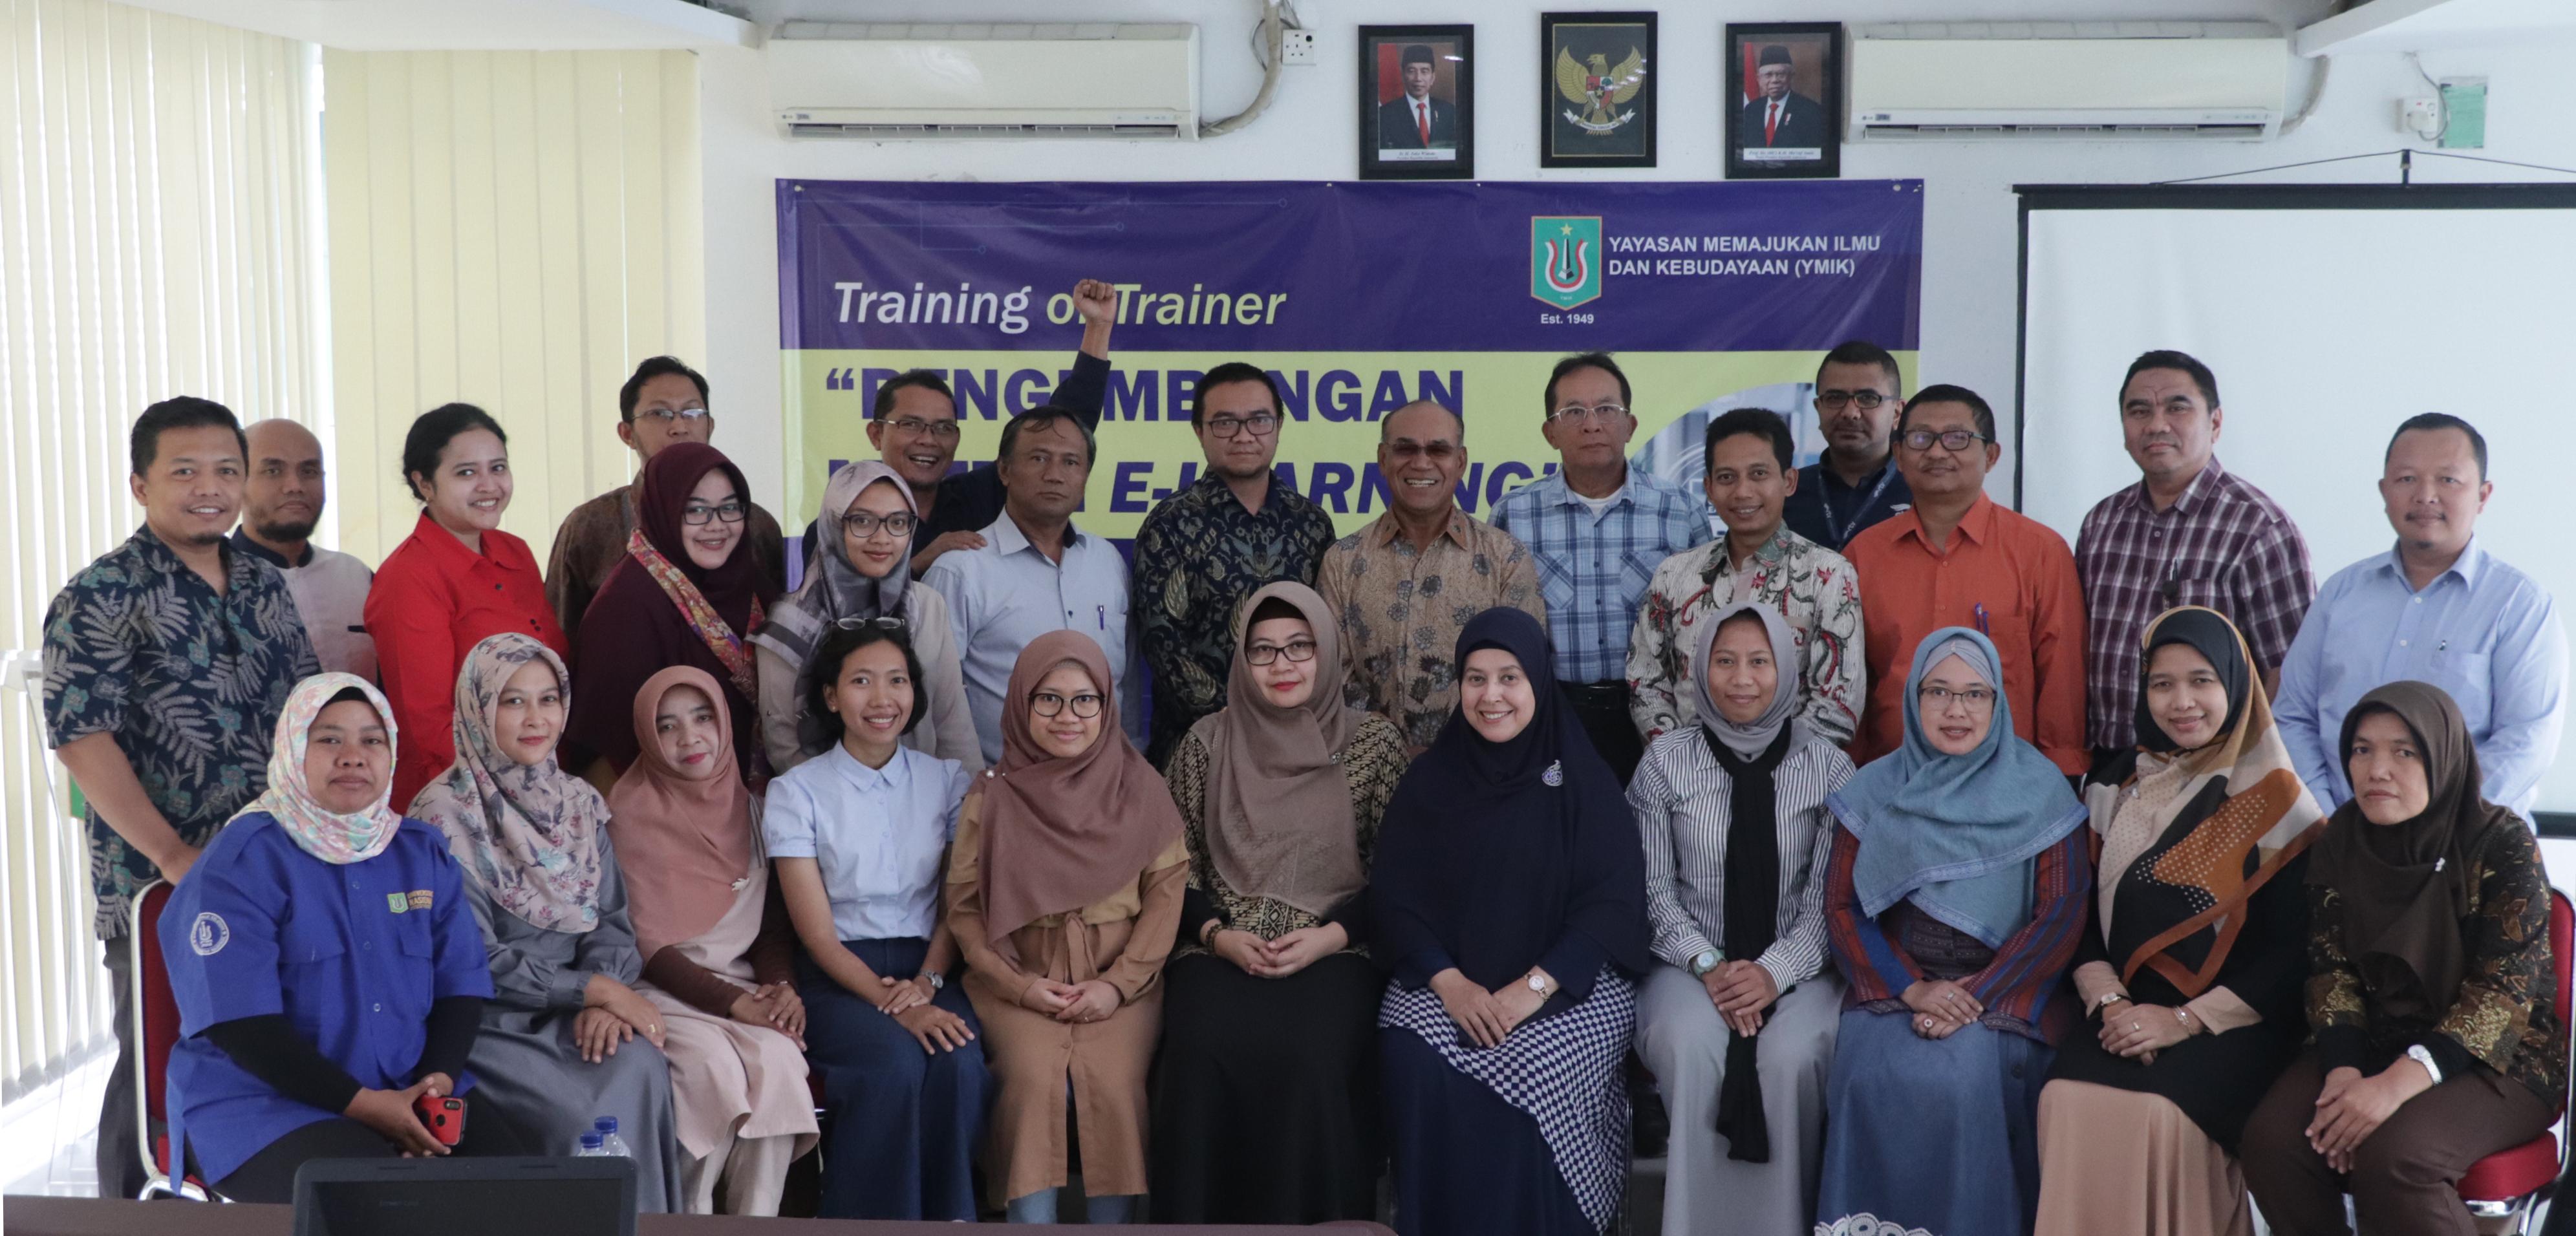 Foto bersama para peserta dengan Rektor UNAS